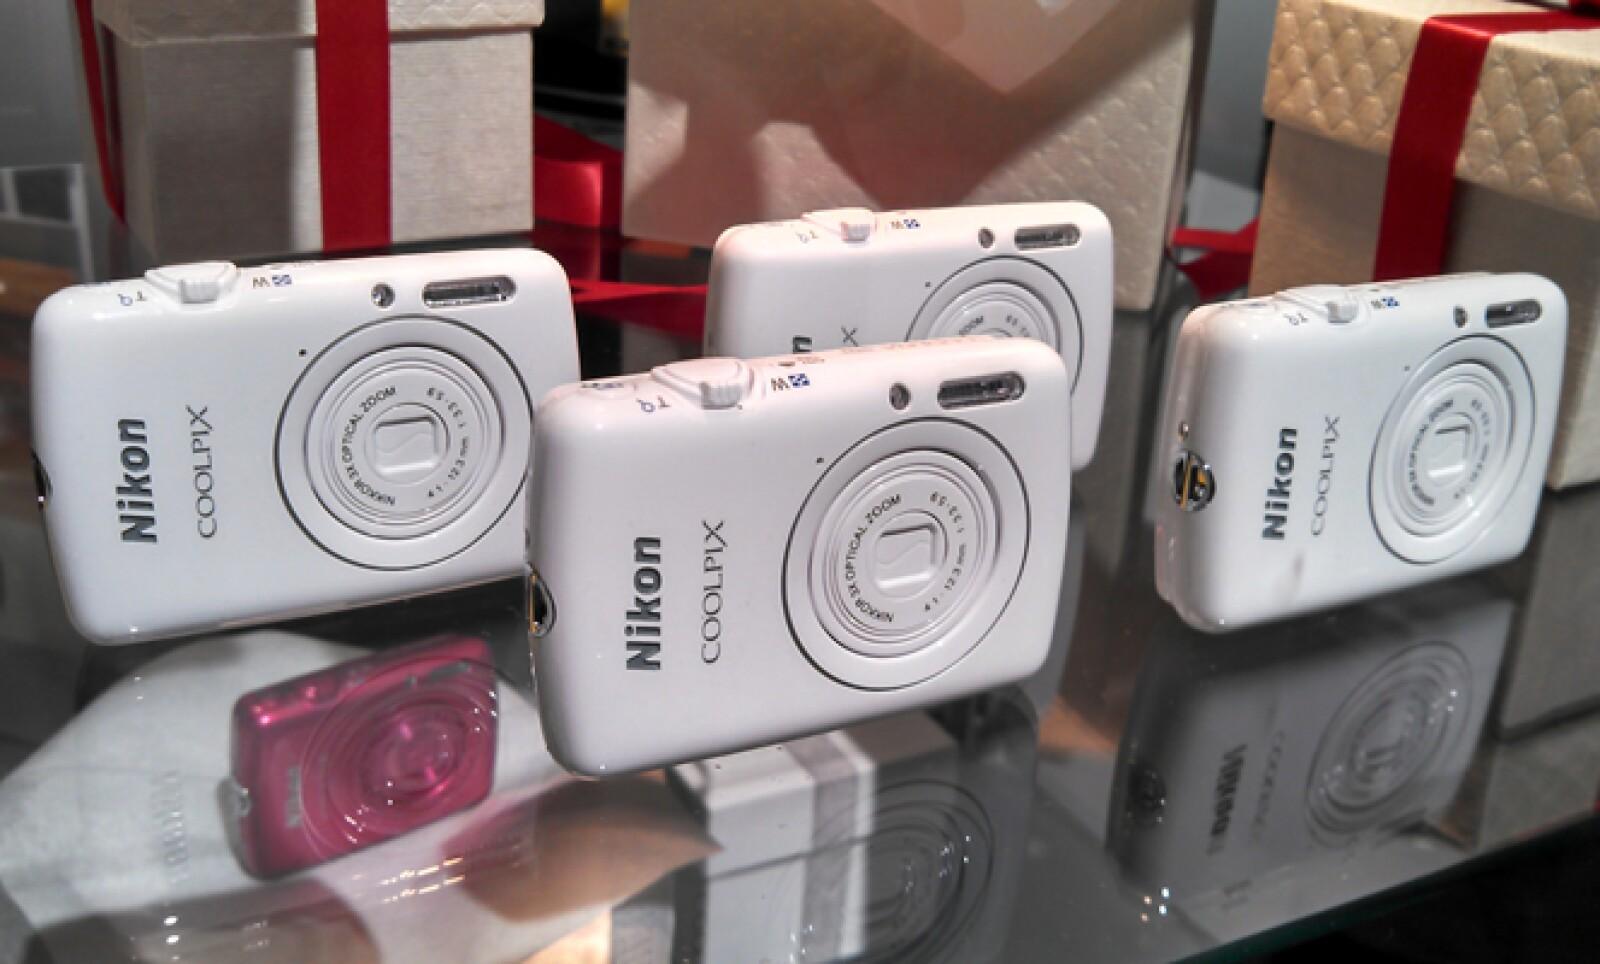 Esta pequeña cámara tiene un tamaño menor a 7 centímetros de largo, un avance en el diseño de la compañía japonesa.